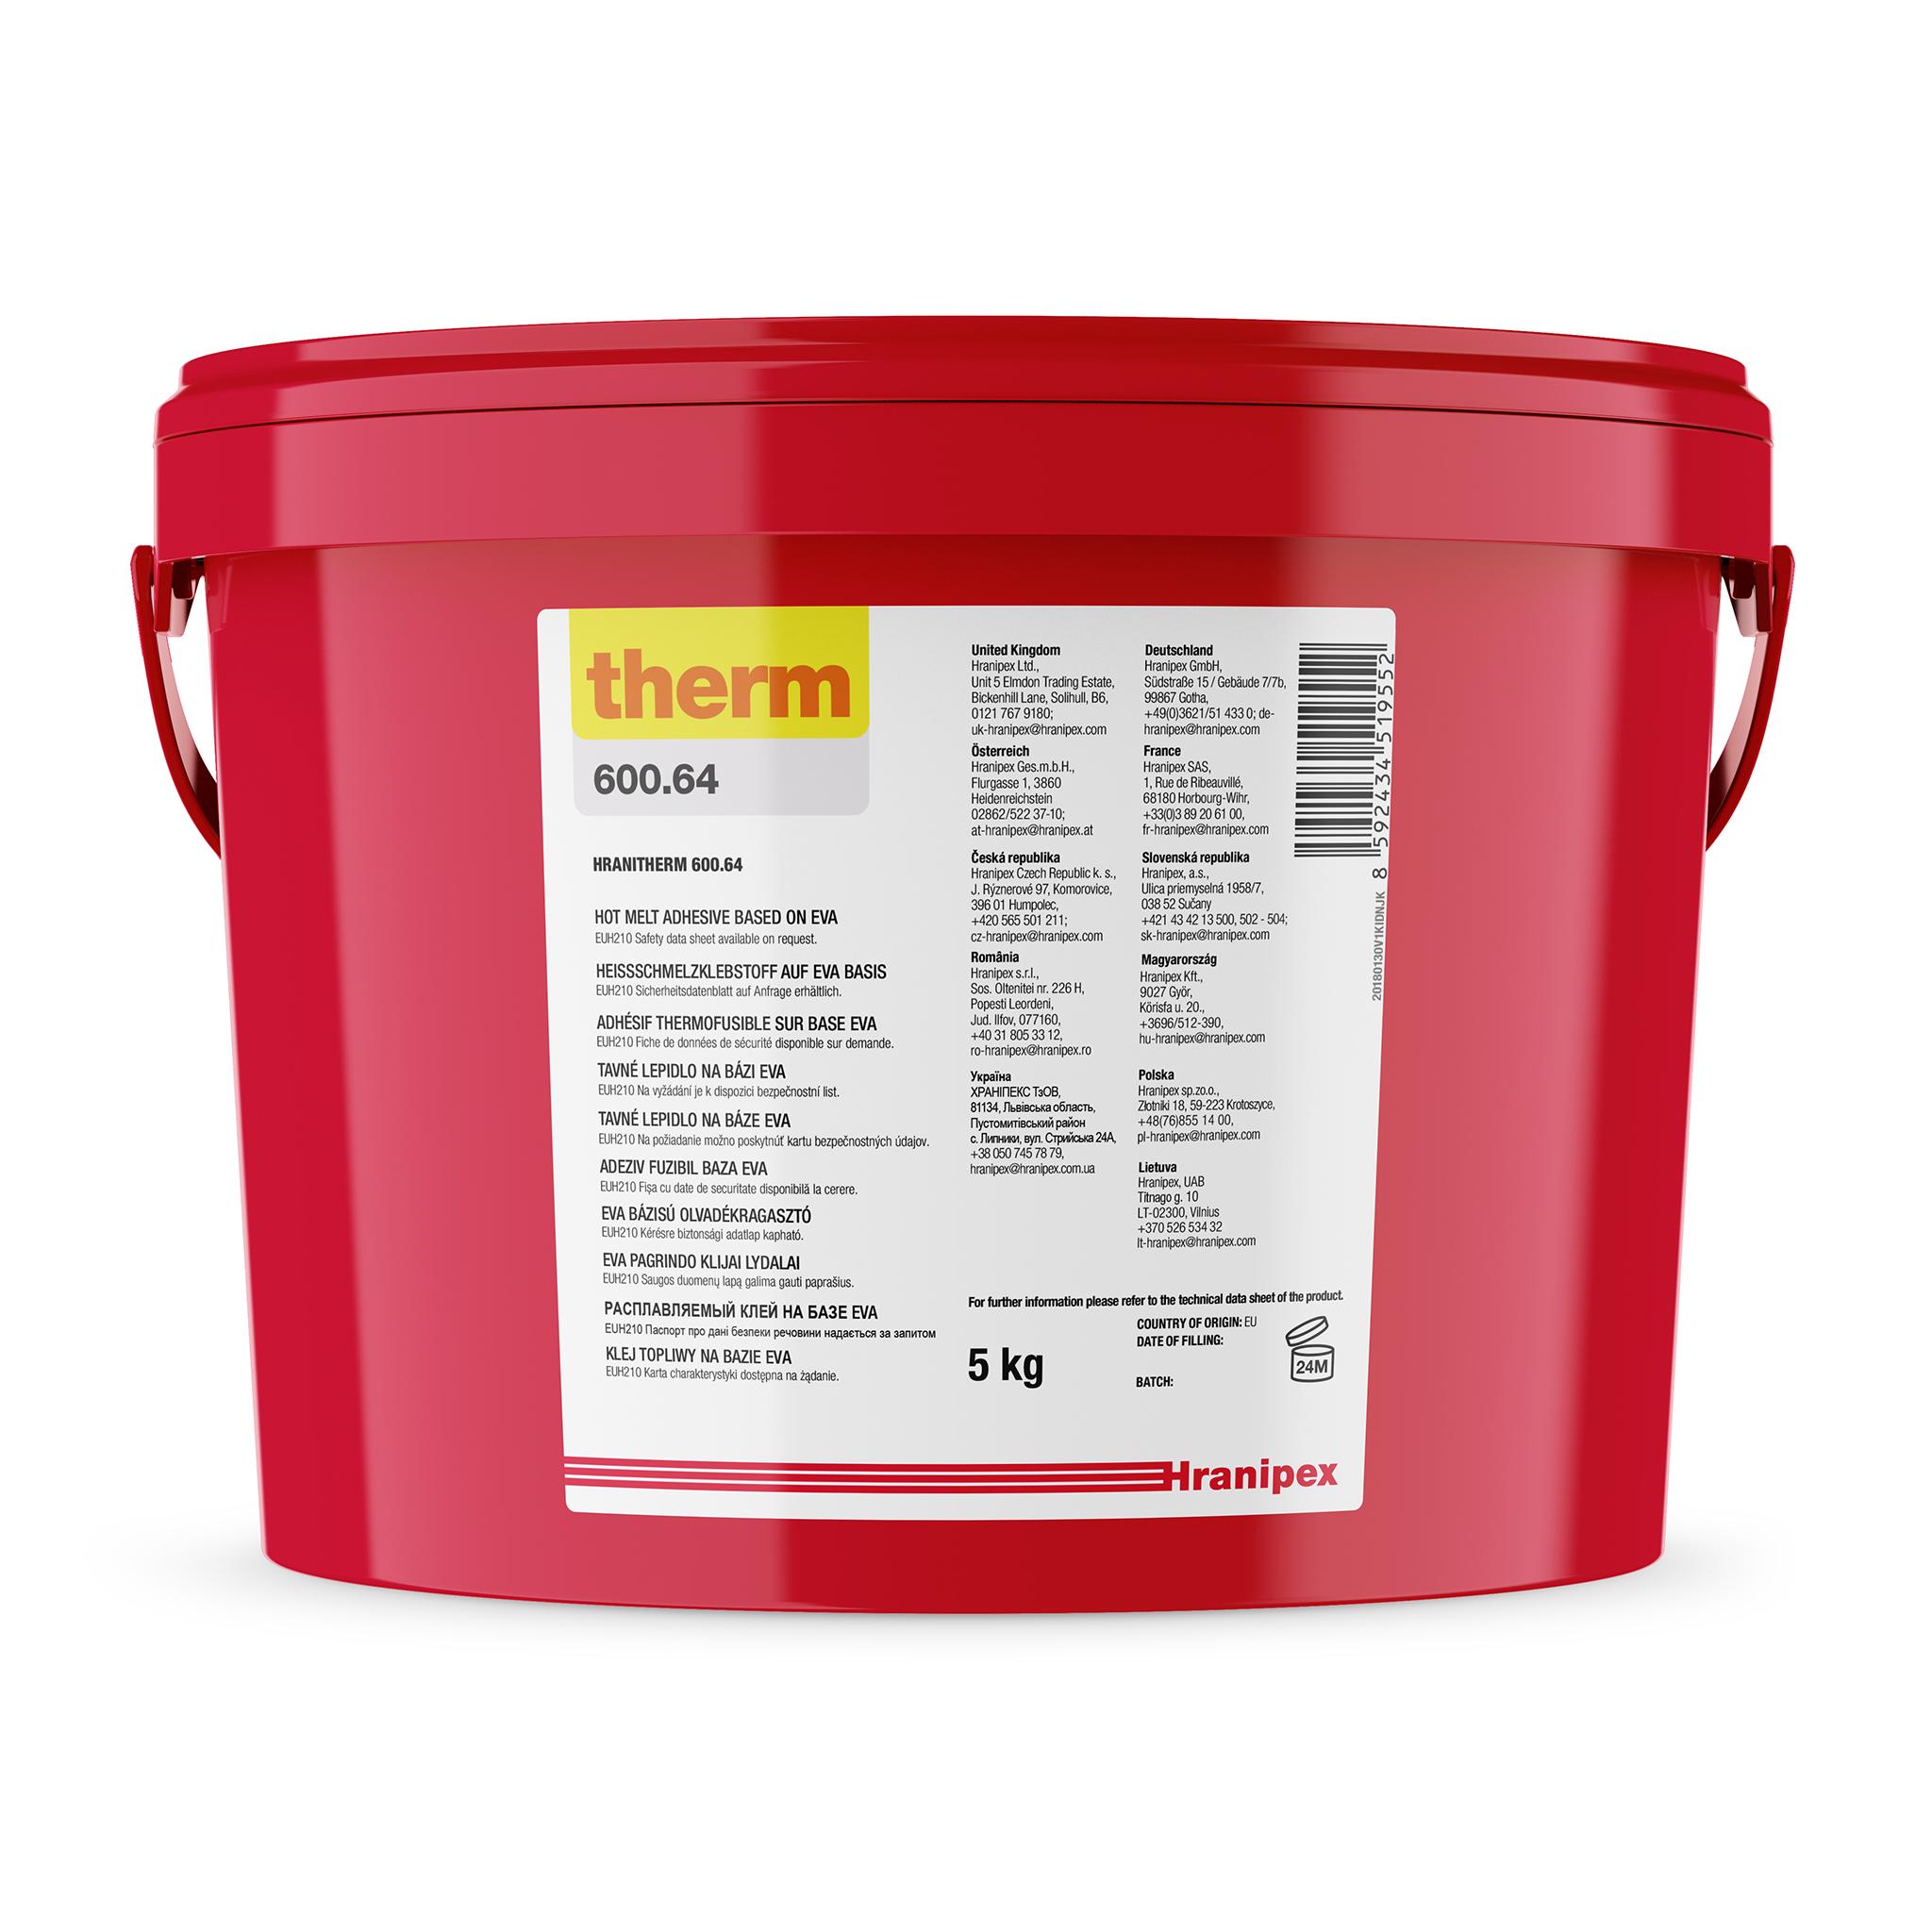 HRANITHERM 600.64 Nature - EVA Thermofusible 5 kg granule